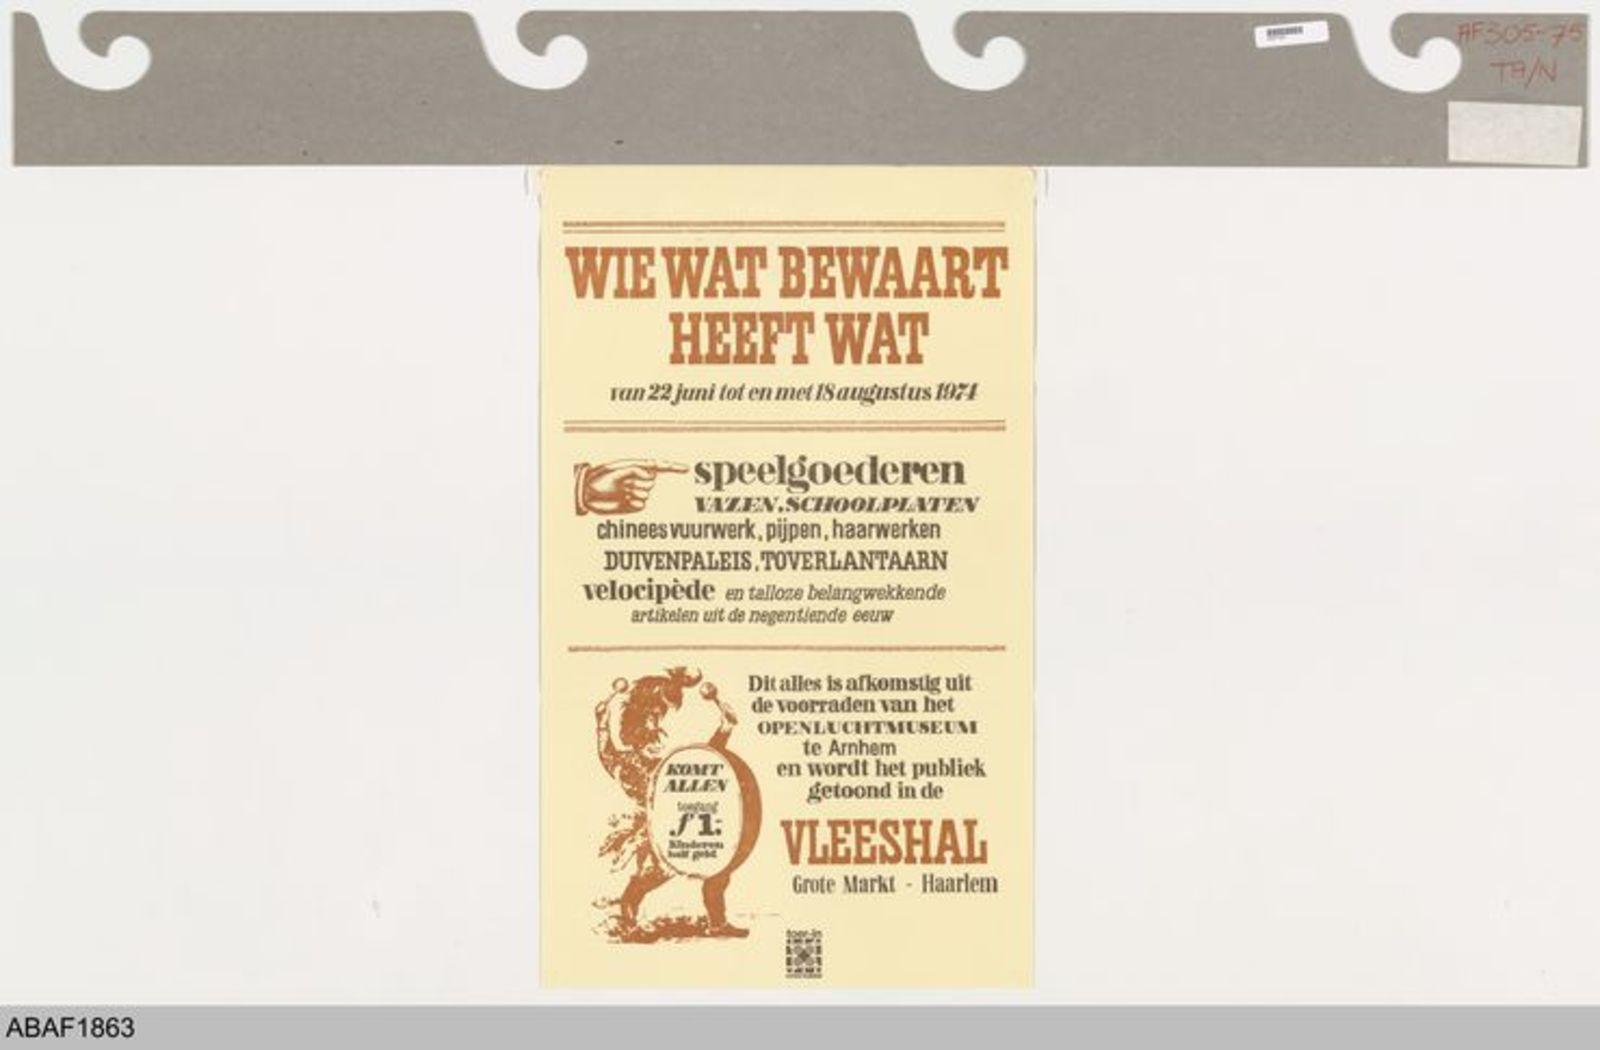 Wie wat bewaart die heeft wat. van 22 juni t/m 18 augustus 1974. Speelgoederen, vazen, schoolplaten, duivenpaleis uit de negentiende eeuw. Dit alles afkomstig uit de voorraden van het Openluchtmuseum te Arnhem en wordt het publiek getoond in de Vleeshal Haarlem.